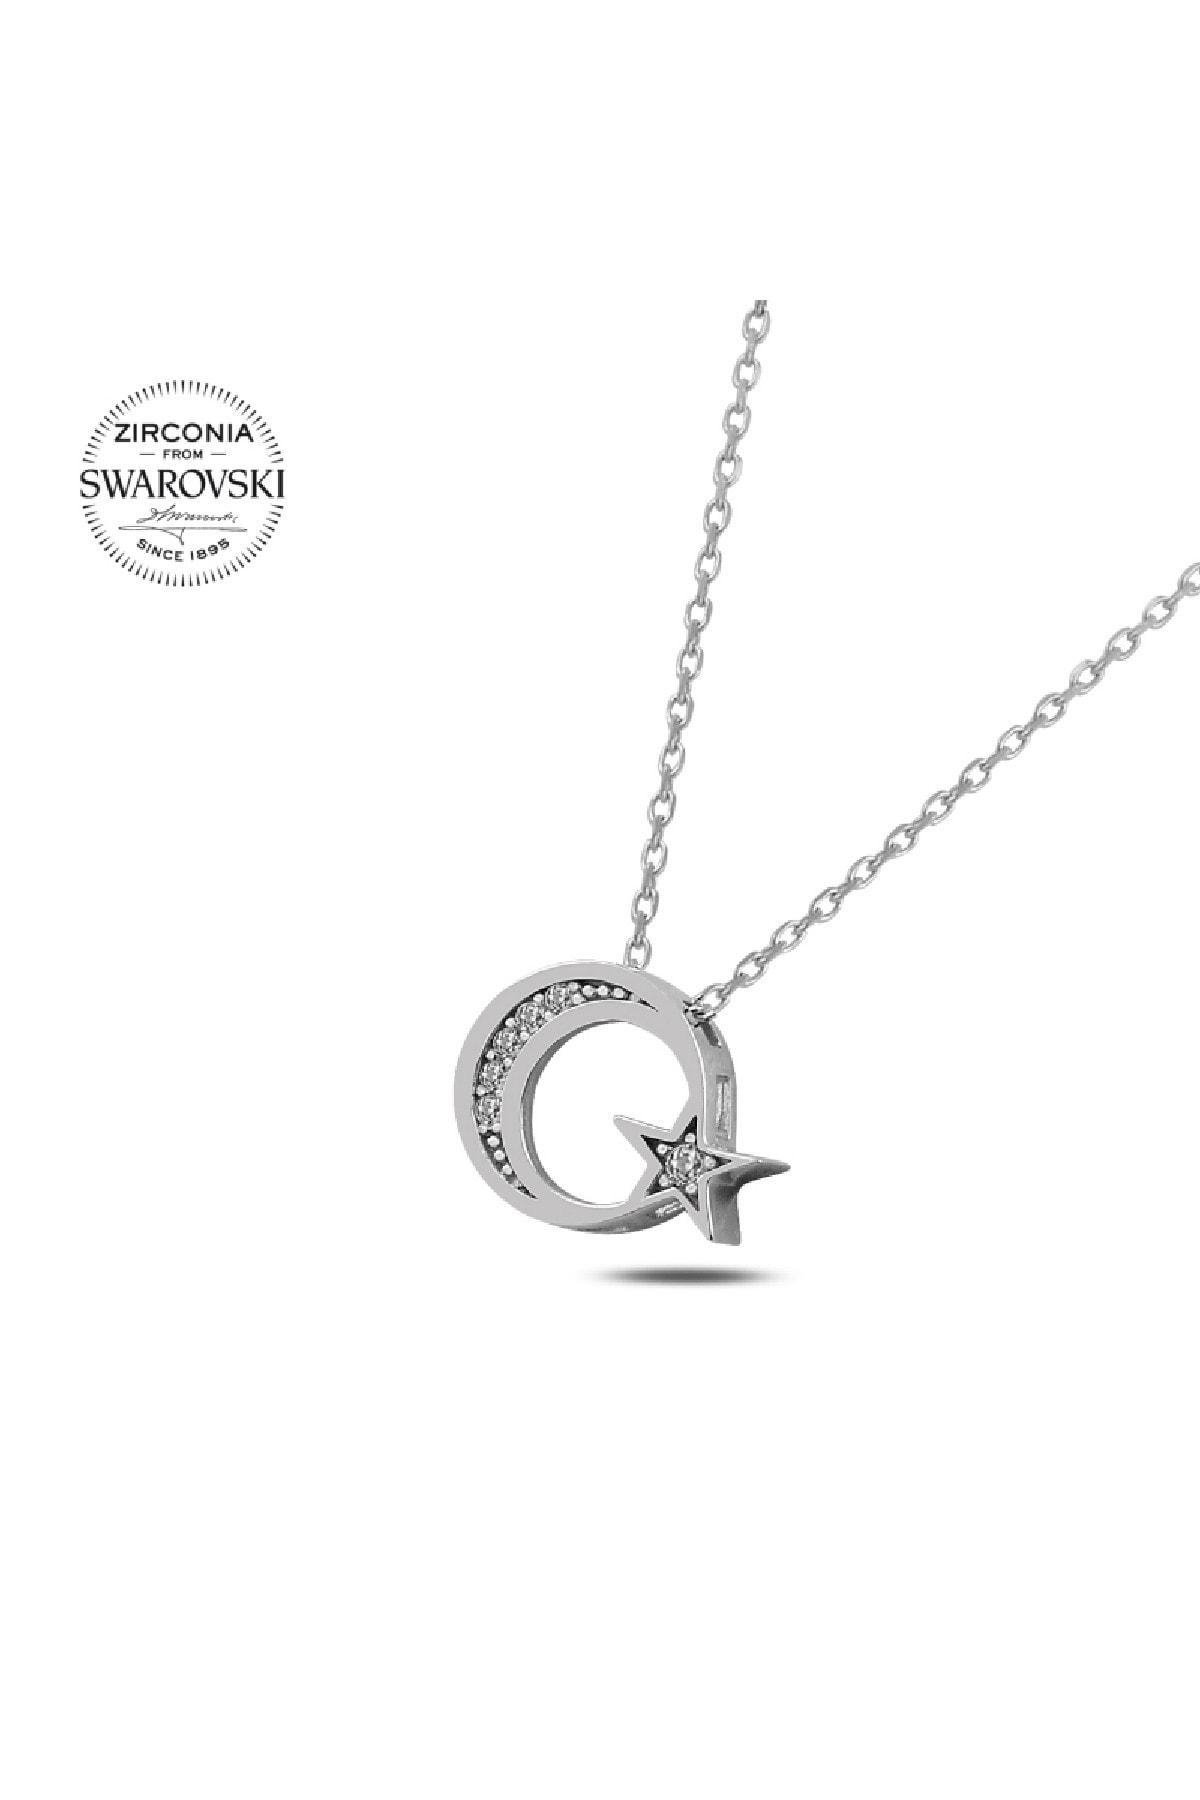 Silverella Gümüş Swarovski Zirconia Taşlı Ay Yıldız Kolye